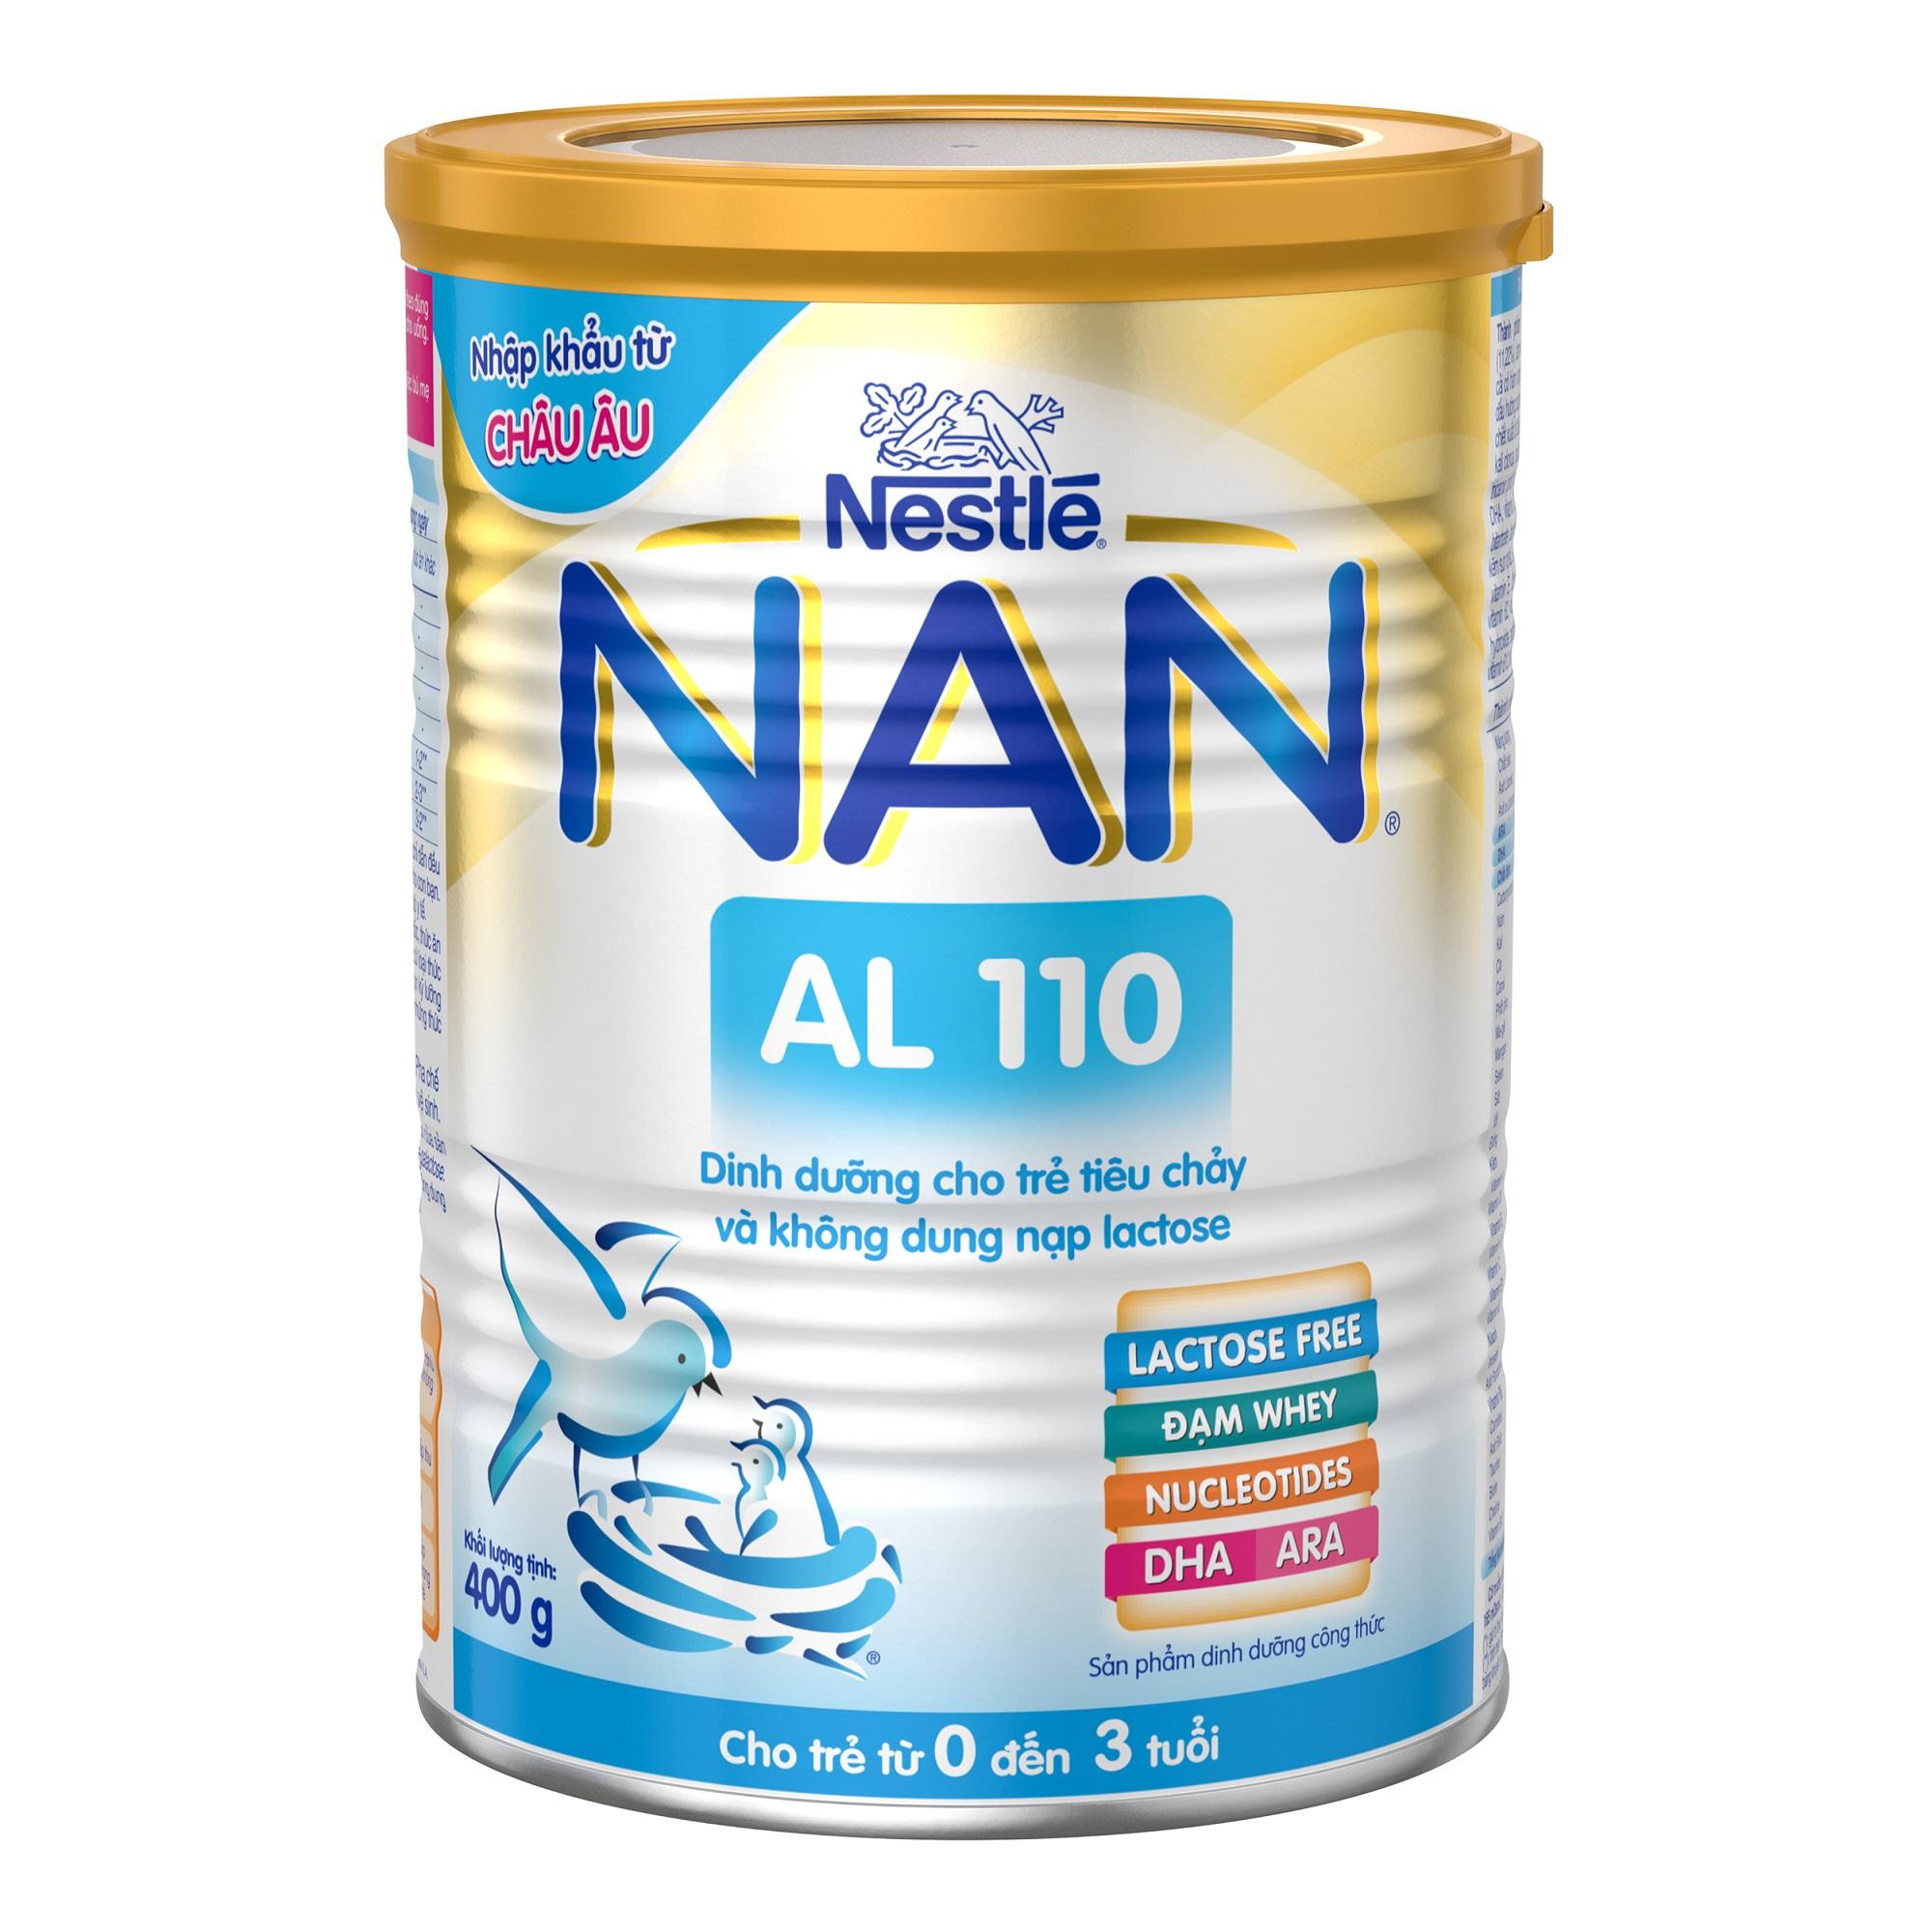 Sữa bột Nestle NAN AL 110